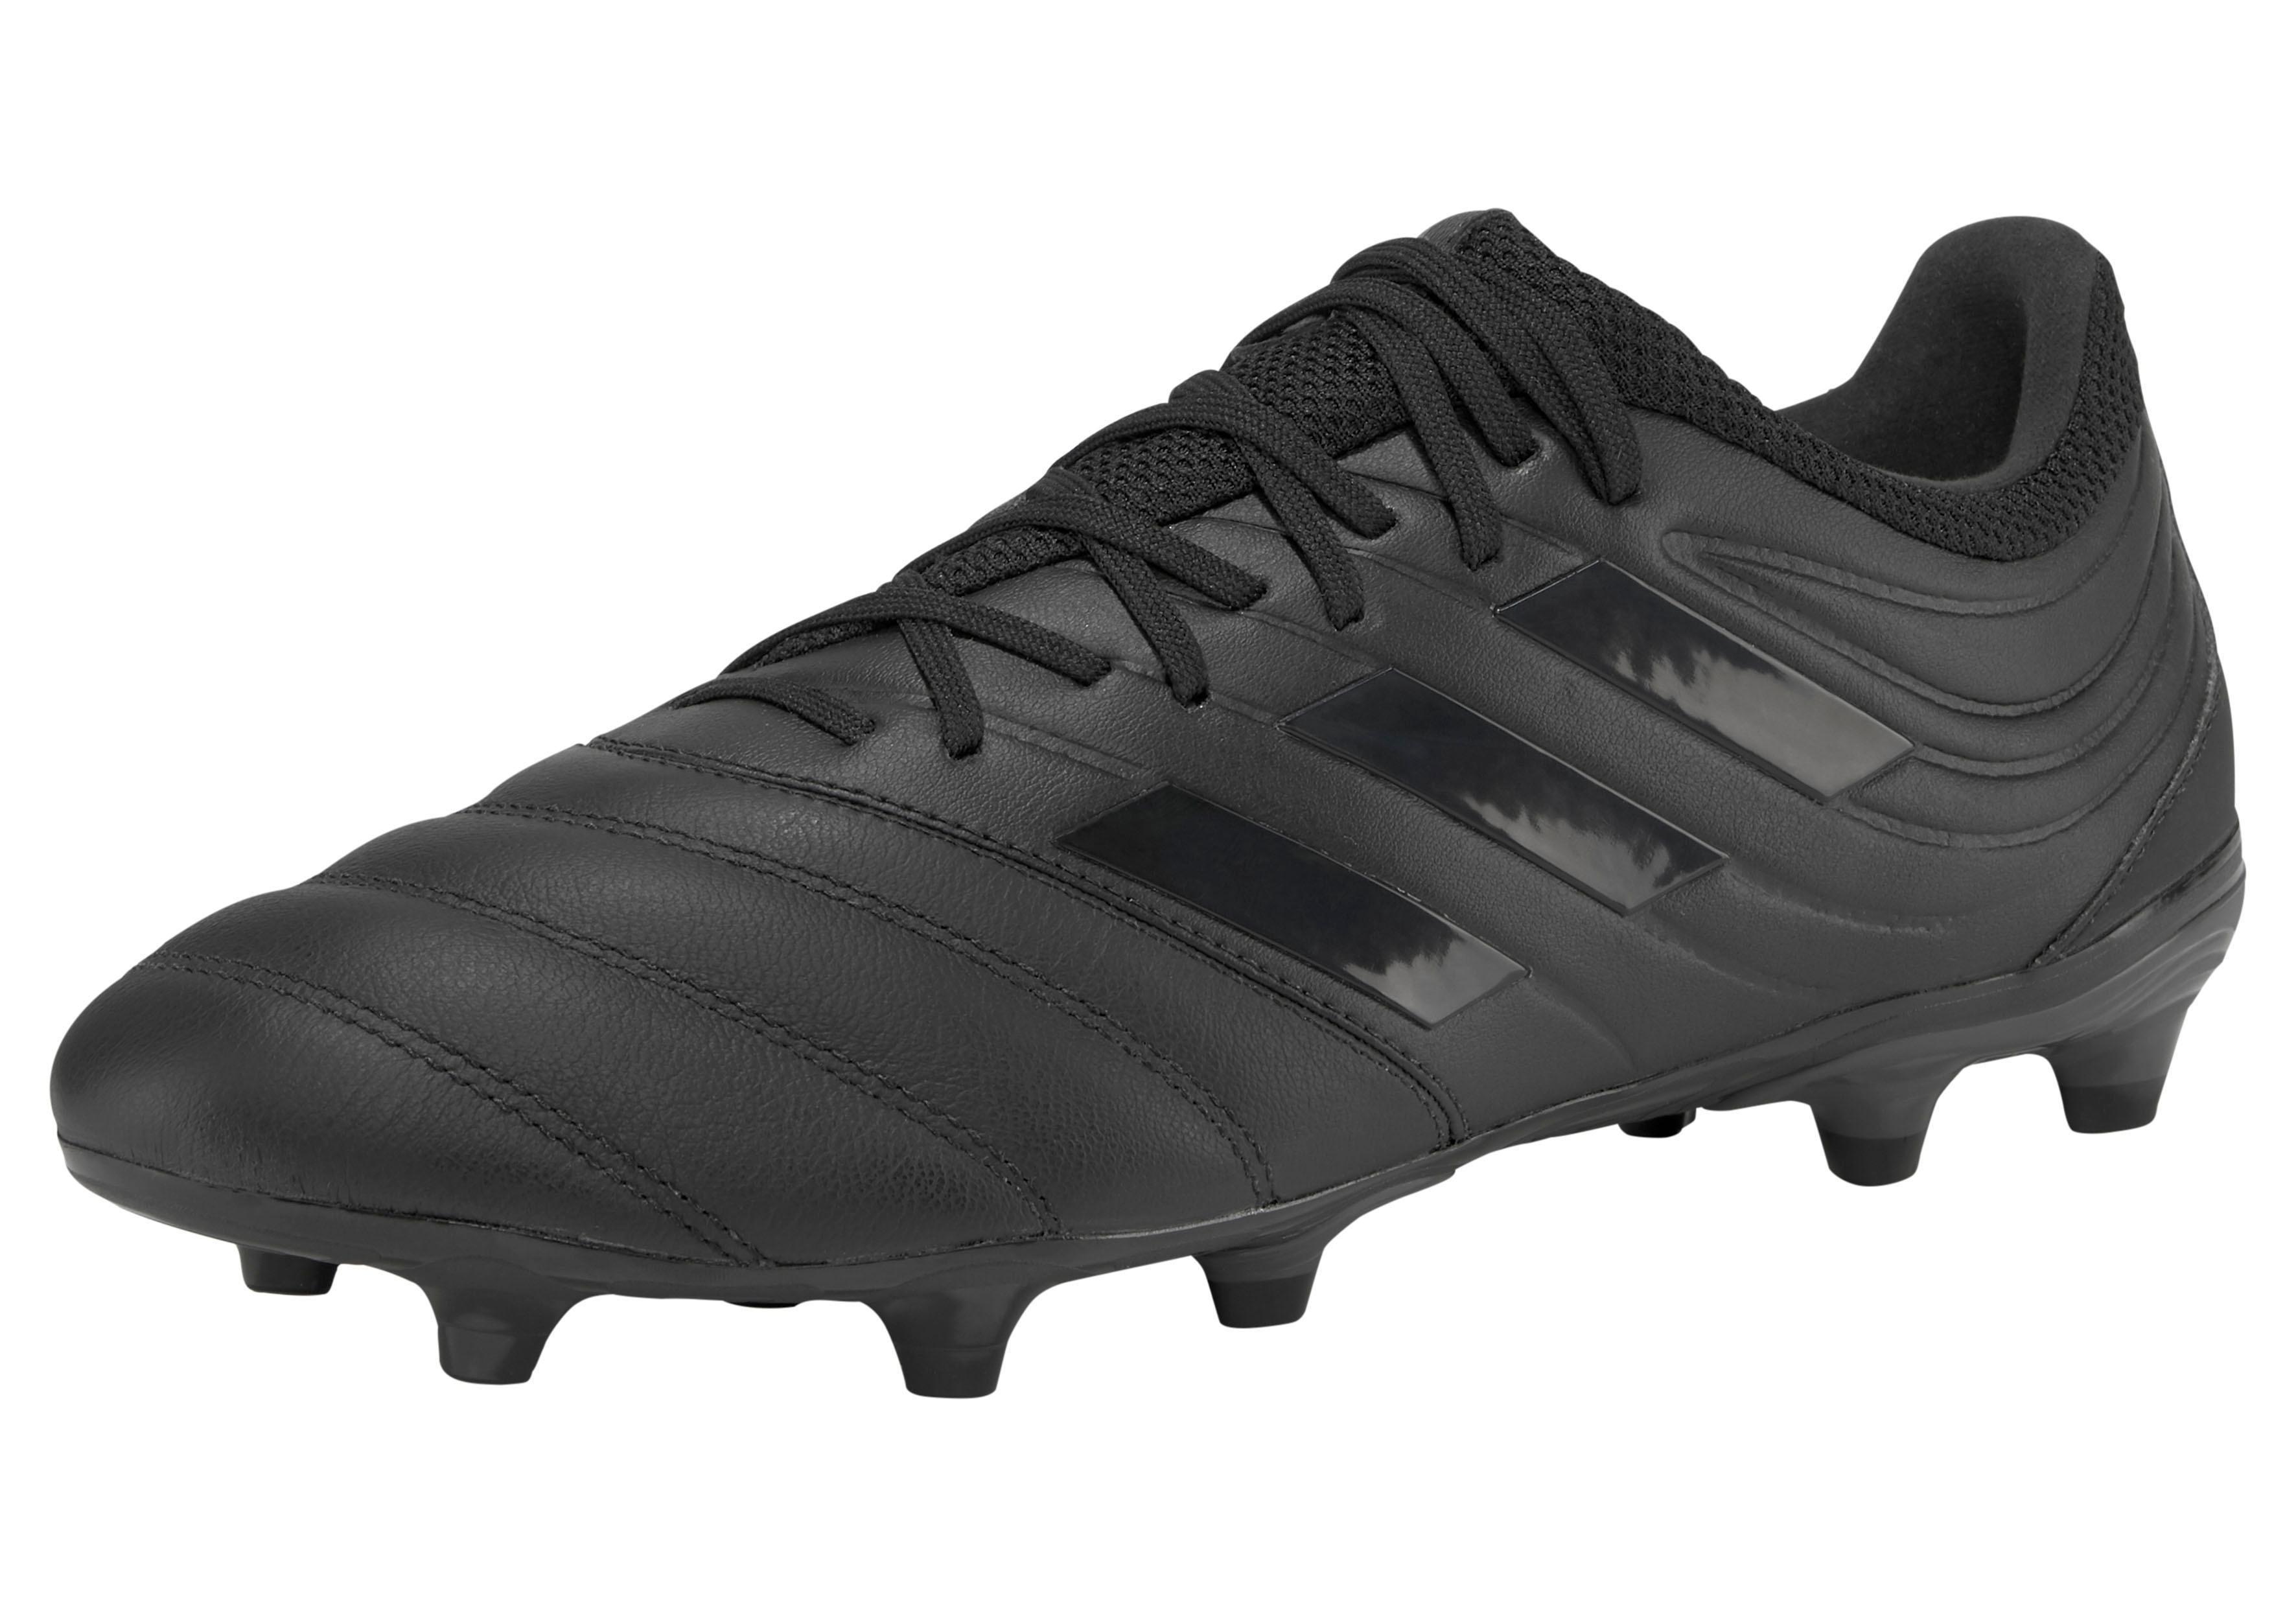 adidas Performance voetbalschoenen »COPA 19.3 FG« bij OTTO online kopen